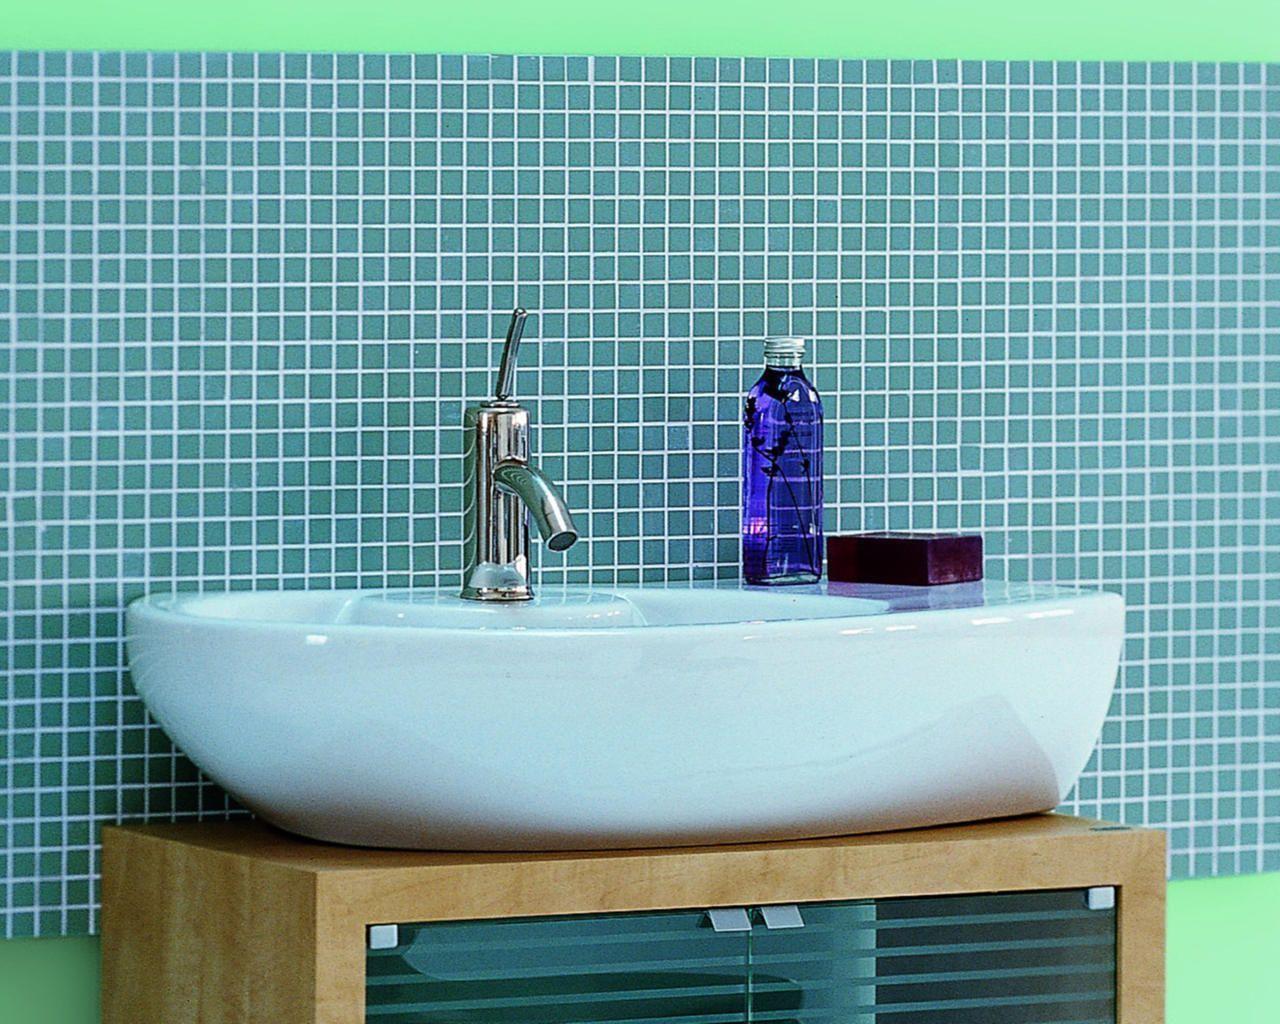 Trucos para limpiar azulejos interesting quitar azulejos bano sin romperlos precio de quitar - Trucos para limpiar azulejos de cocina ...